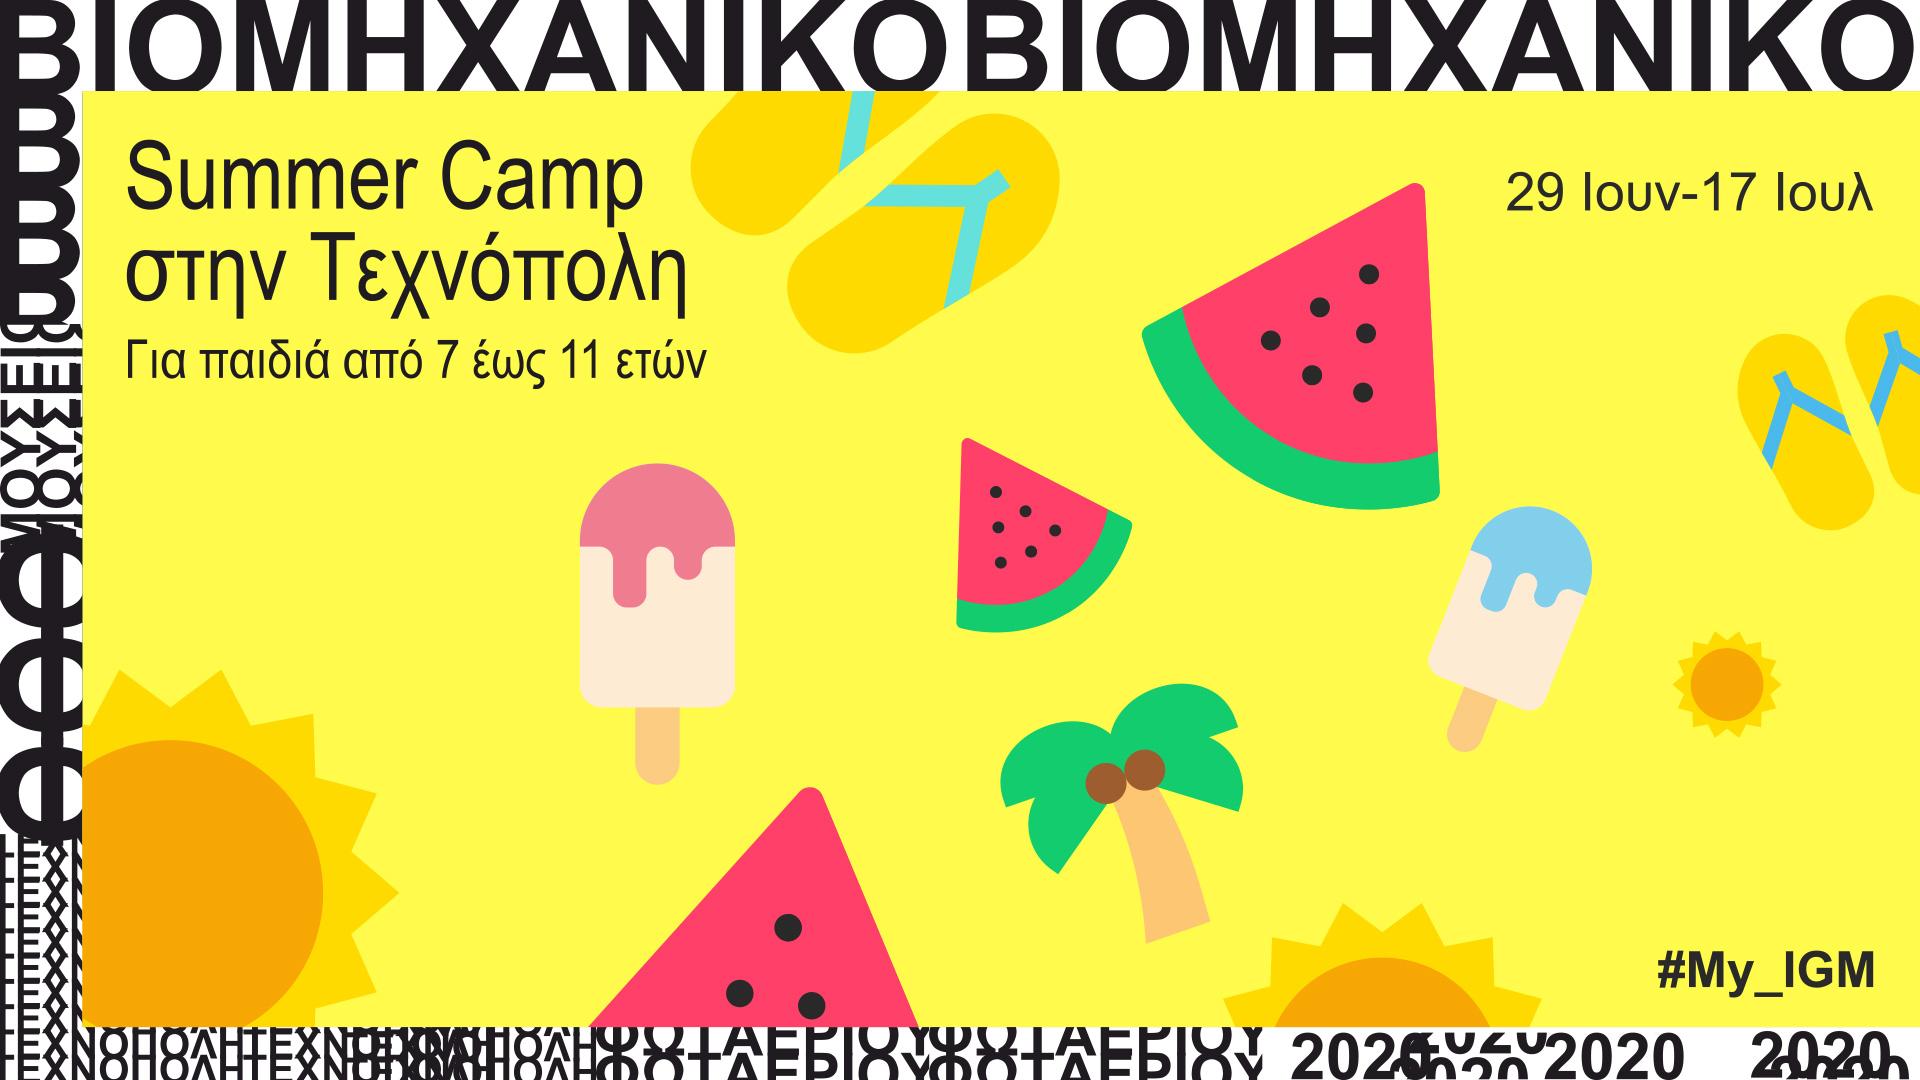 Summer Camp στην Τεχνόπολη